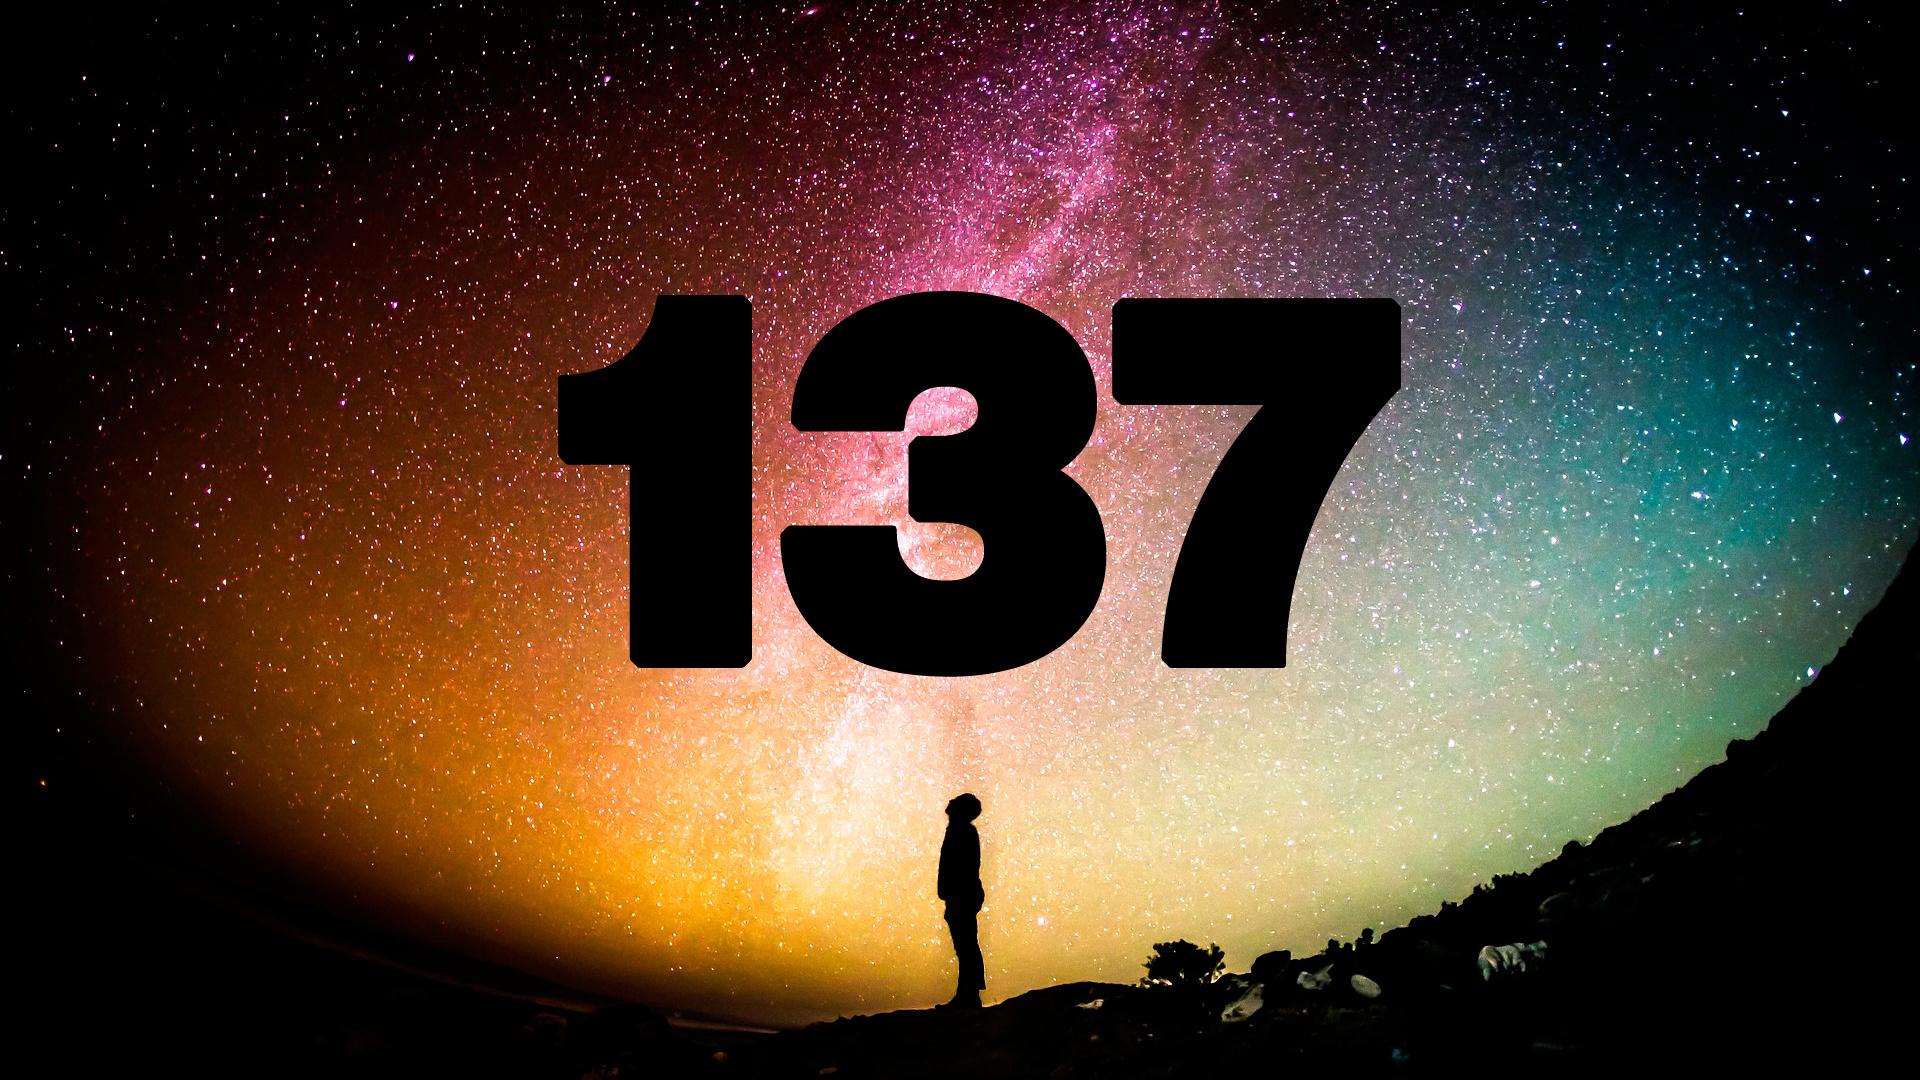 Numarul 137, Sursa Big Think